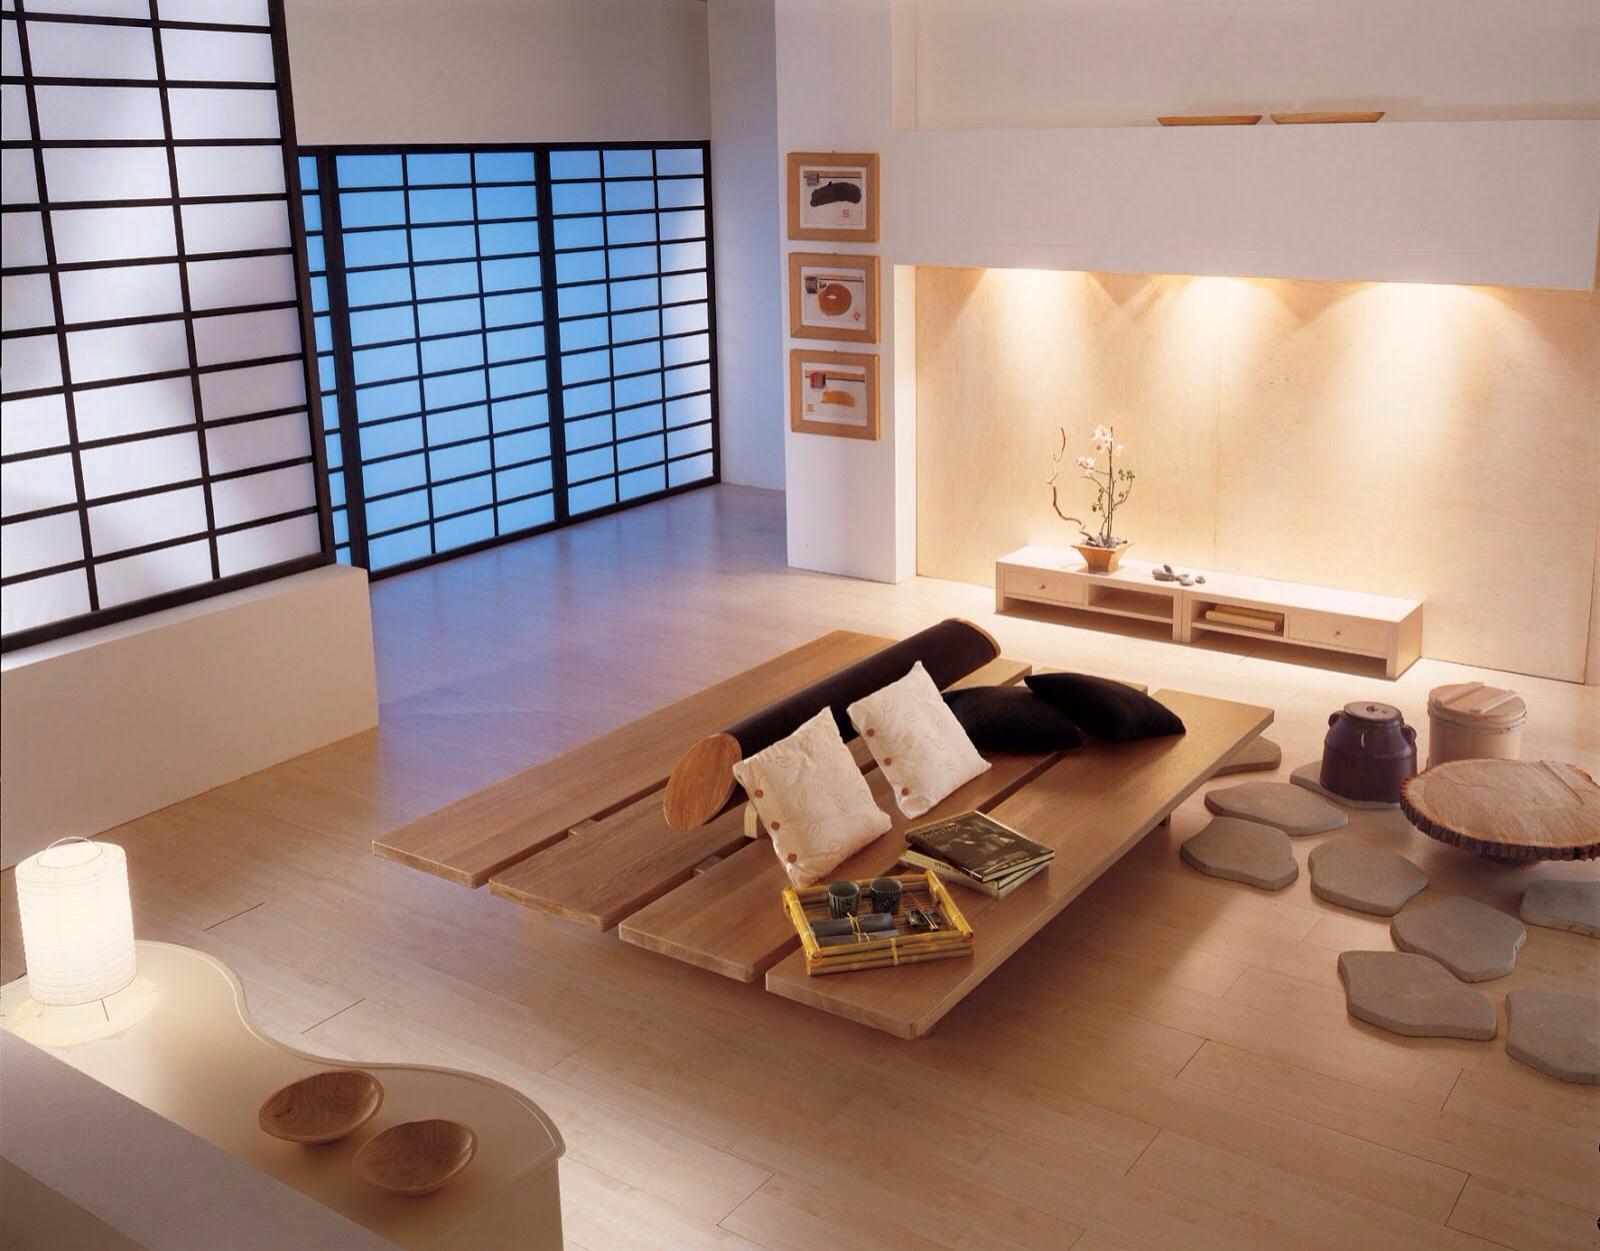 В китайских и японских гостиных напольное покрытие редко бывает темным, как правило это ламинат бежевых оттенков